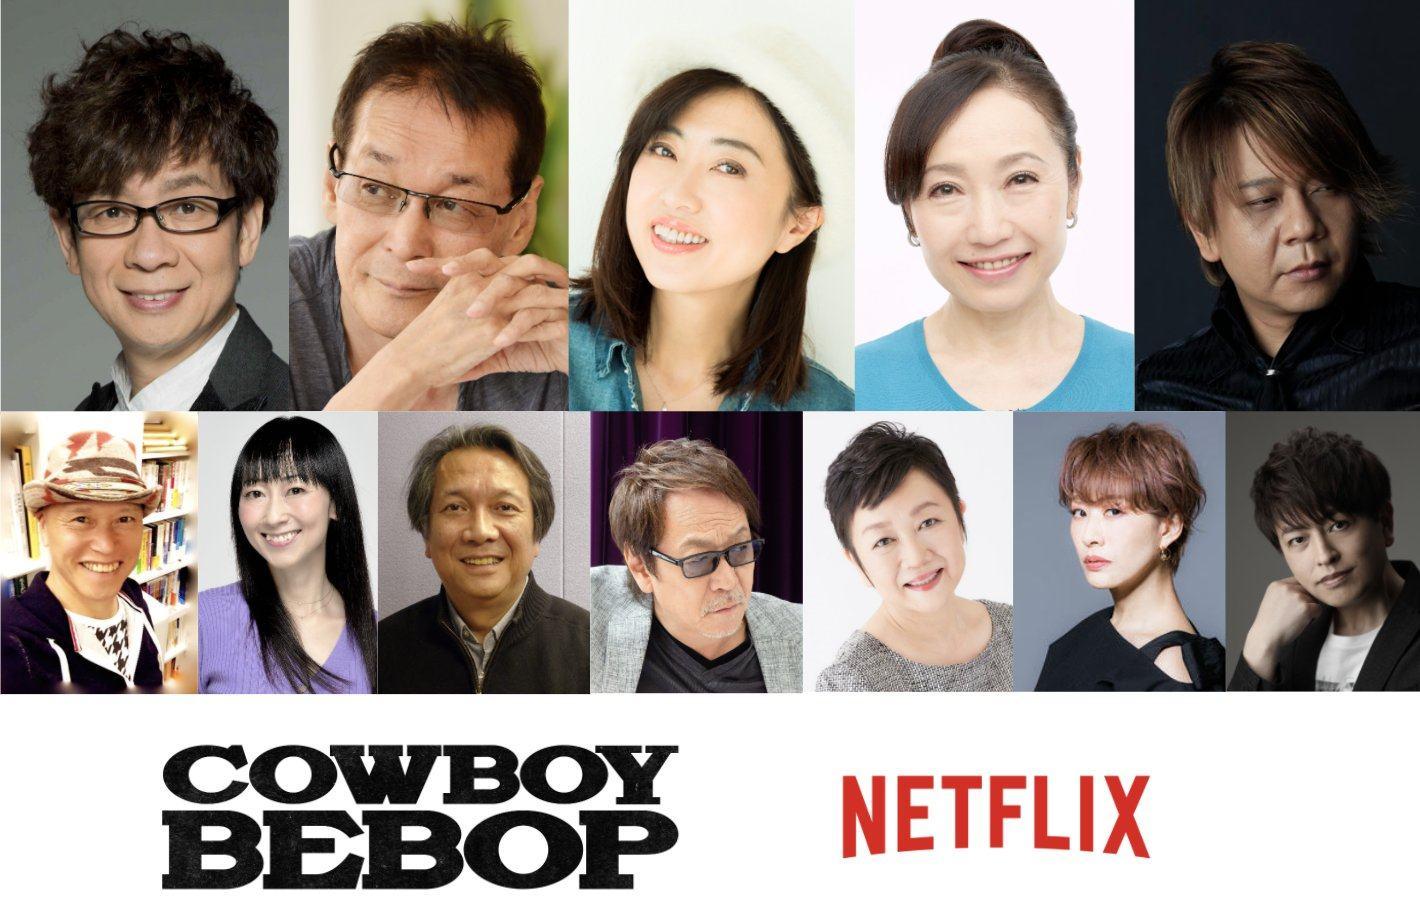 动画版声优回归!网飞美剧《星际牛仔》公布日语配音阵容